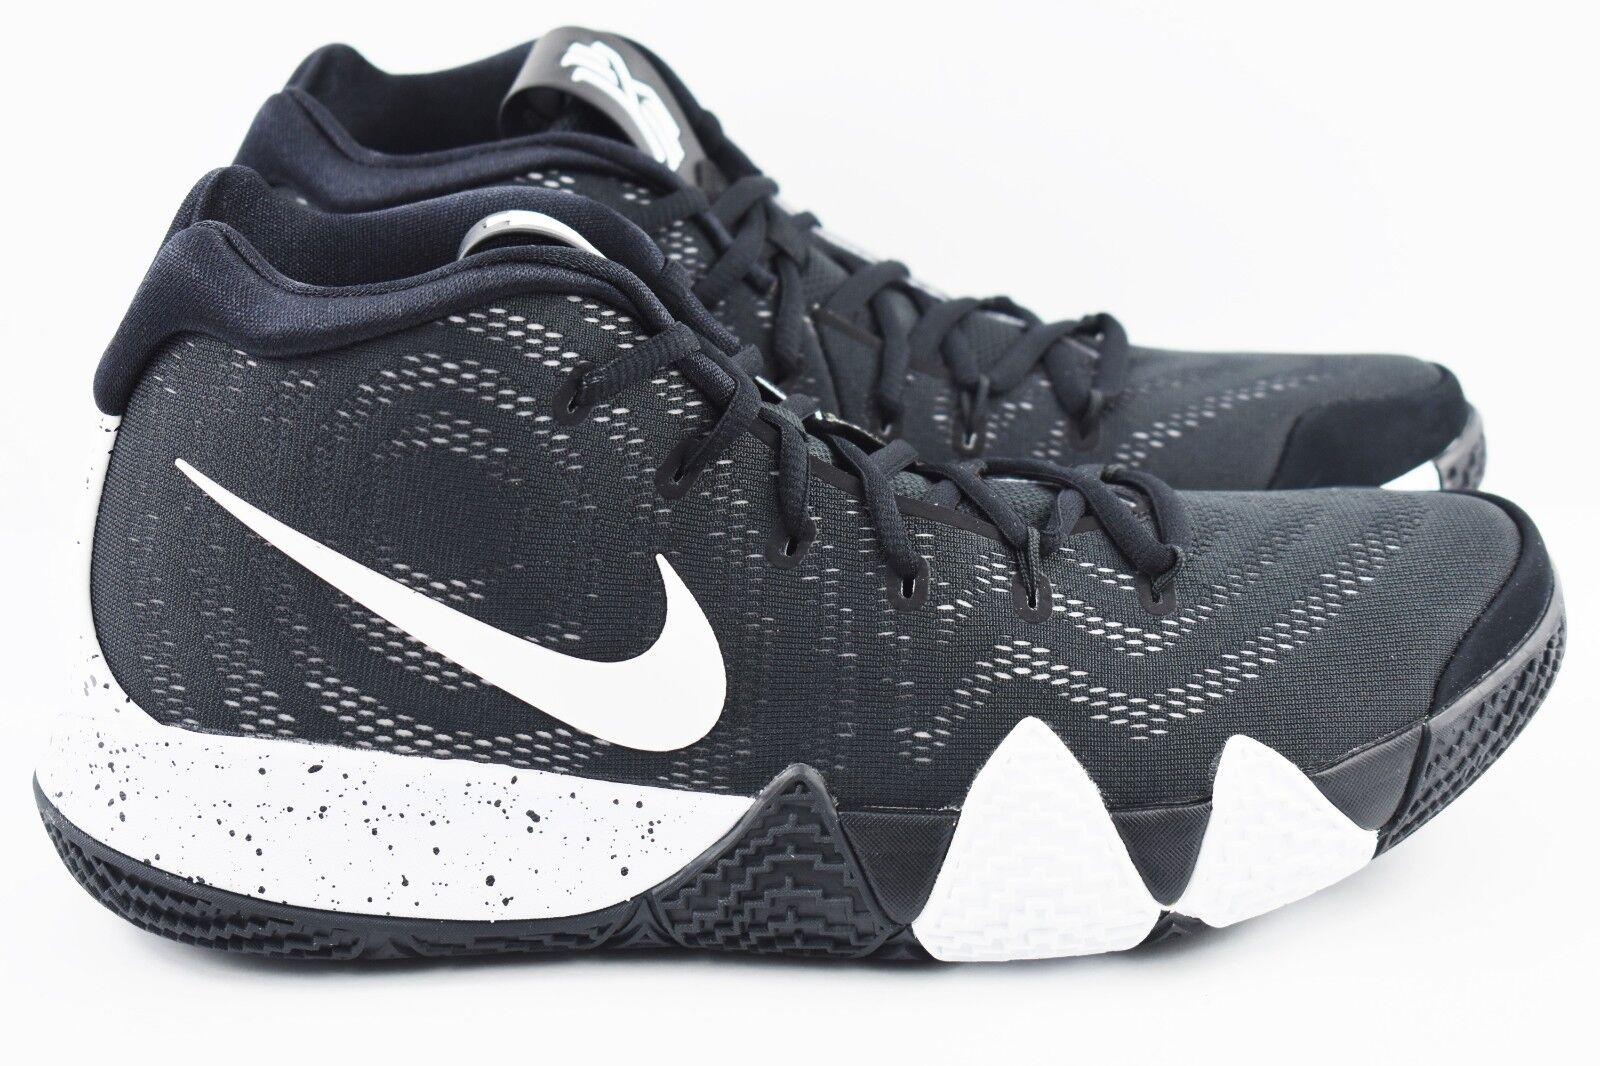 Nike Kyrie 4 TB Mens Size 11.5 Basketball shoes AV2296 001 Black White Oreo